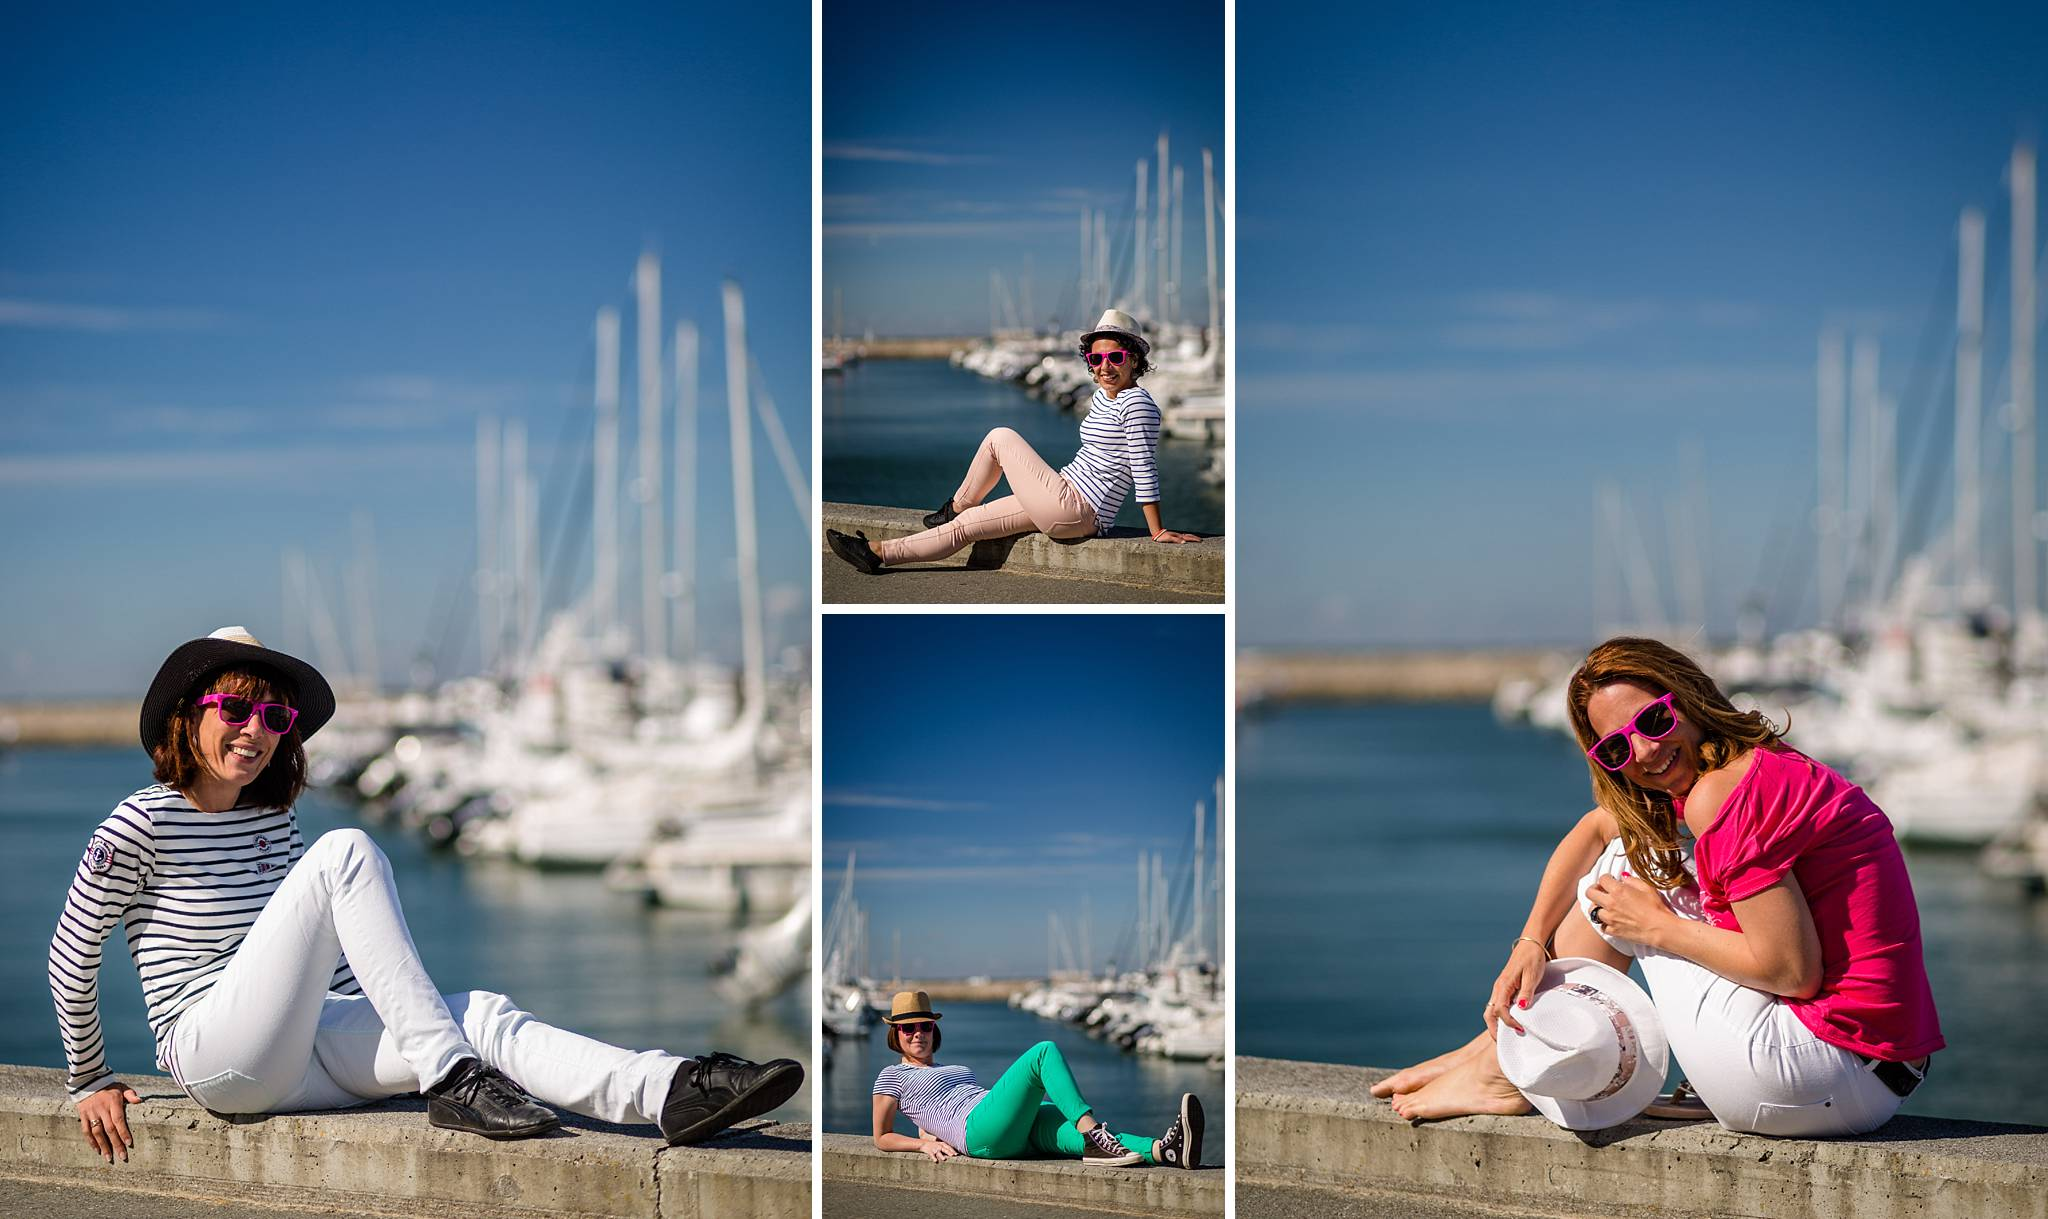 La séance photo de l'enterrement de vie de jeune fille de Laure au port de plaisance d'Arcachon en Gironde et sa plage ! Alexandre Roschewitz Photographe EVJF